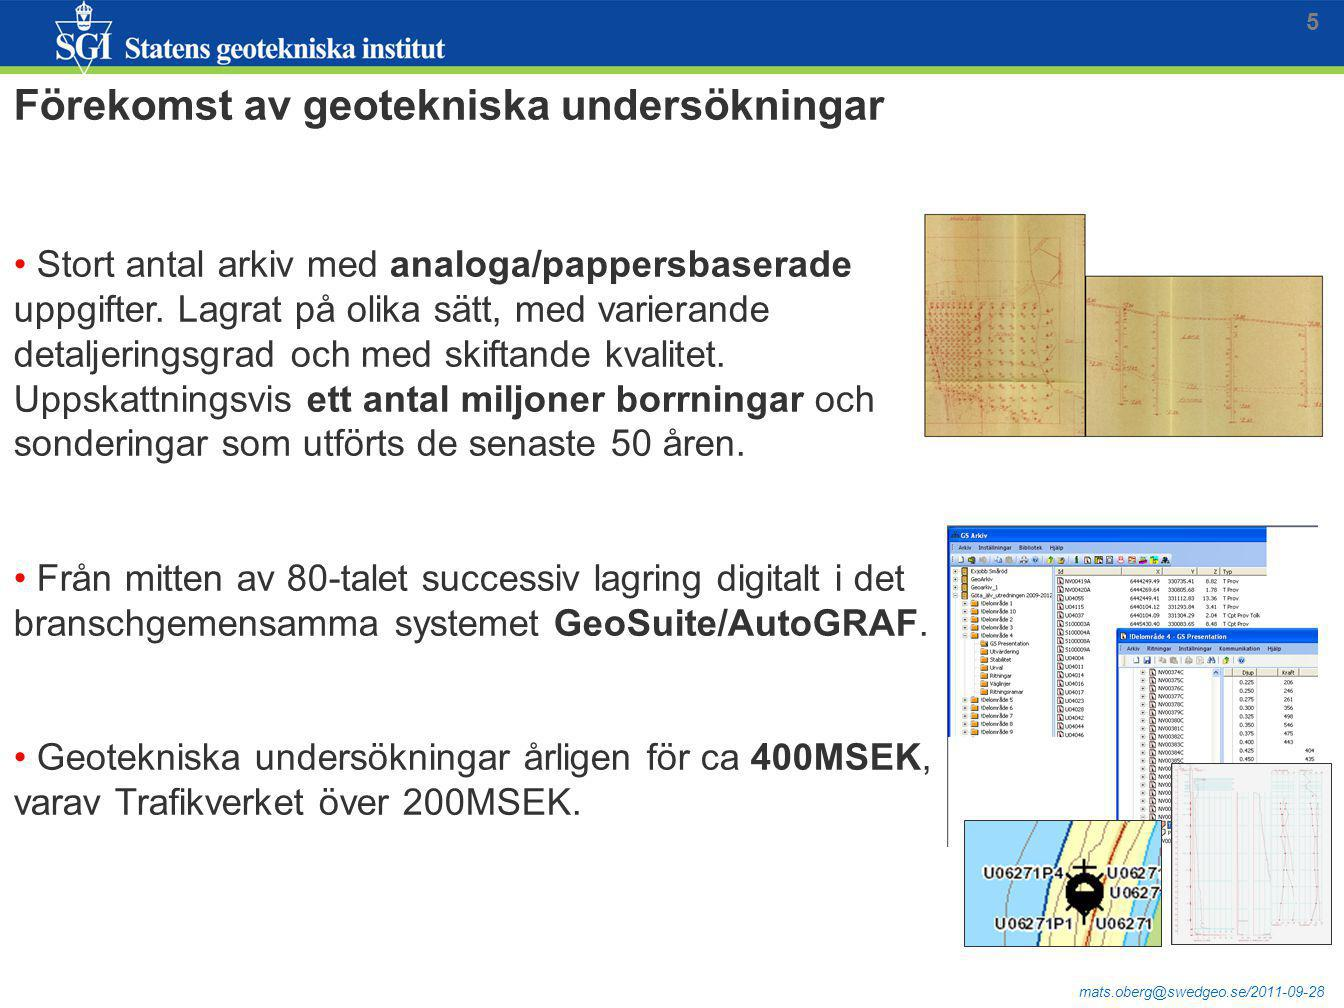 Förekomst av geotekniska undersökningar